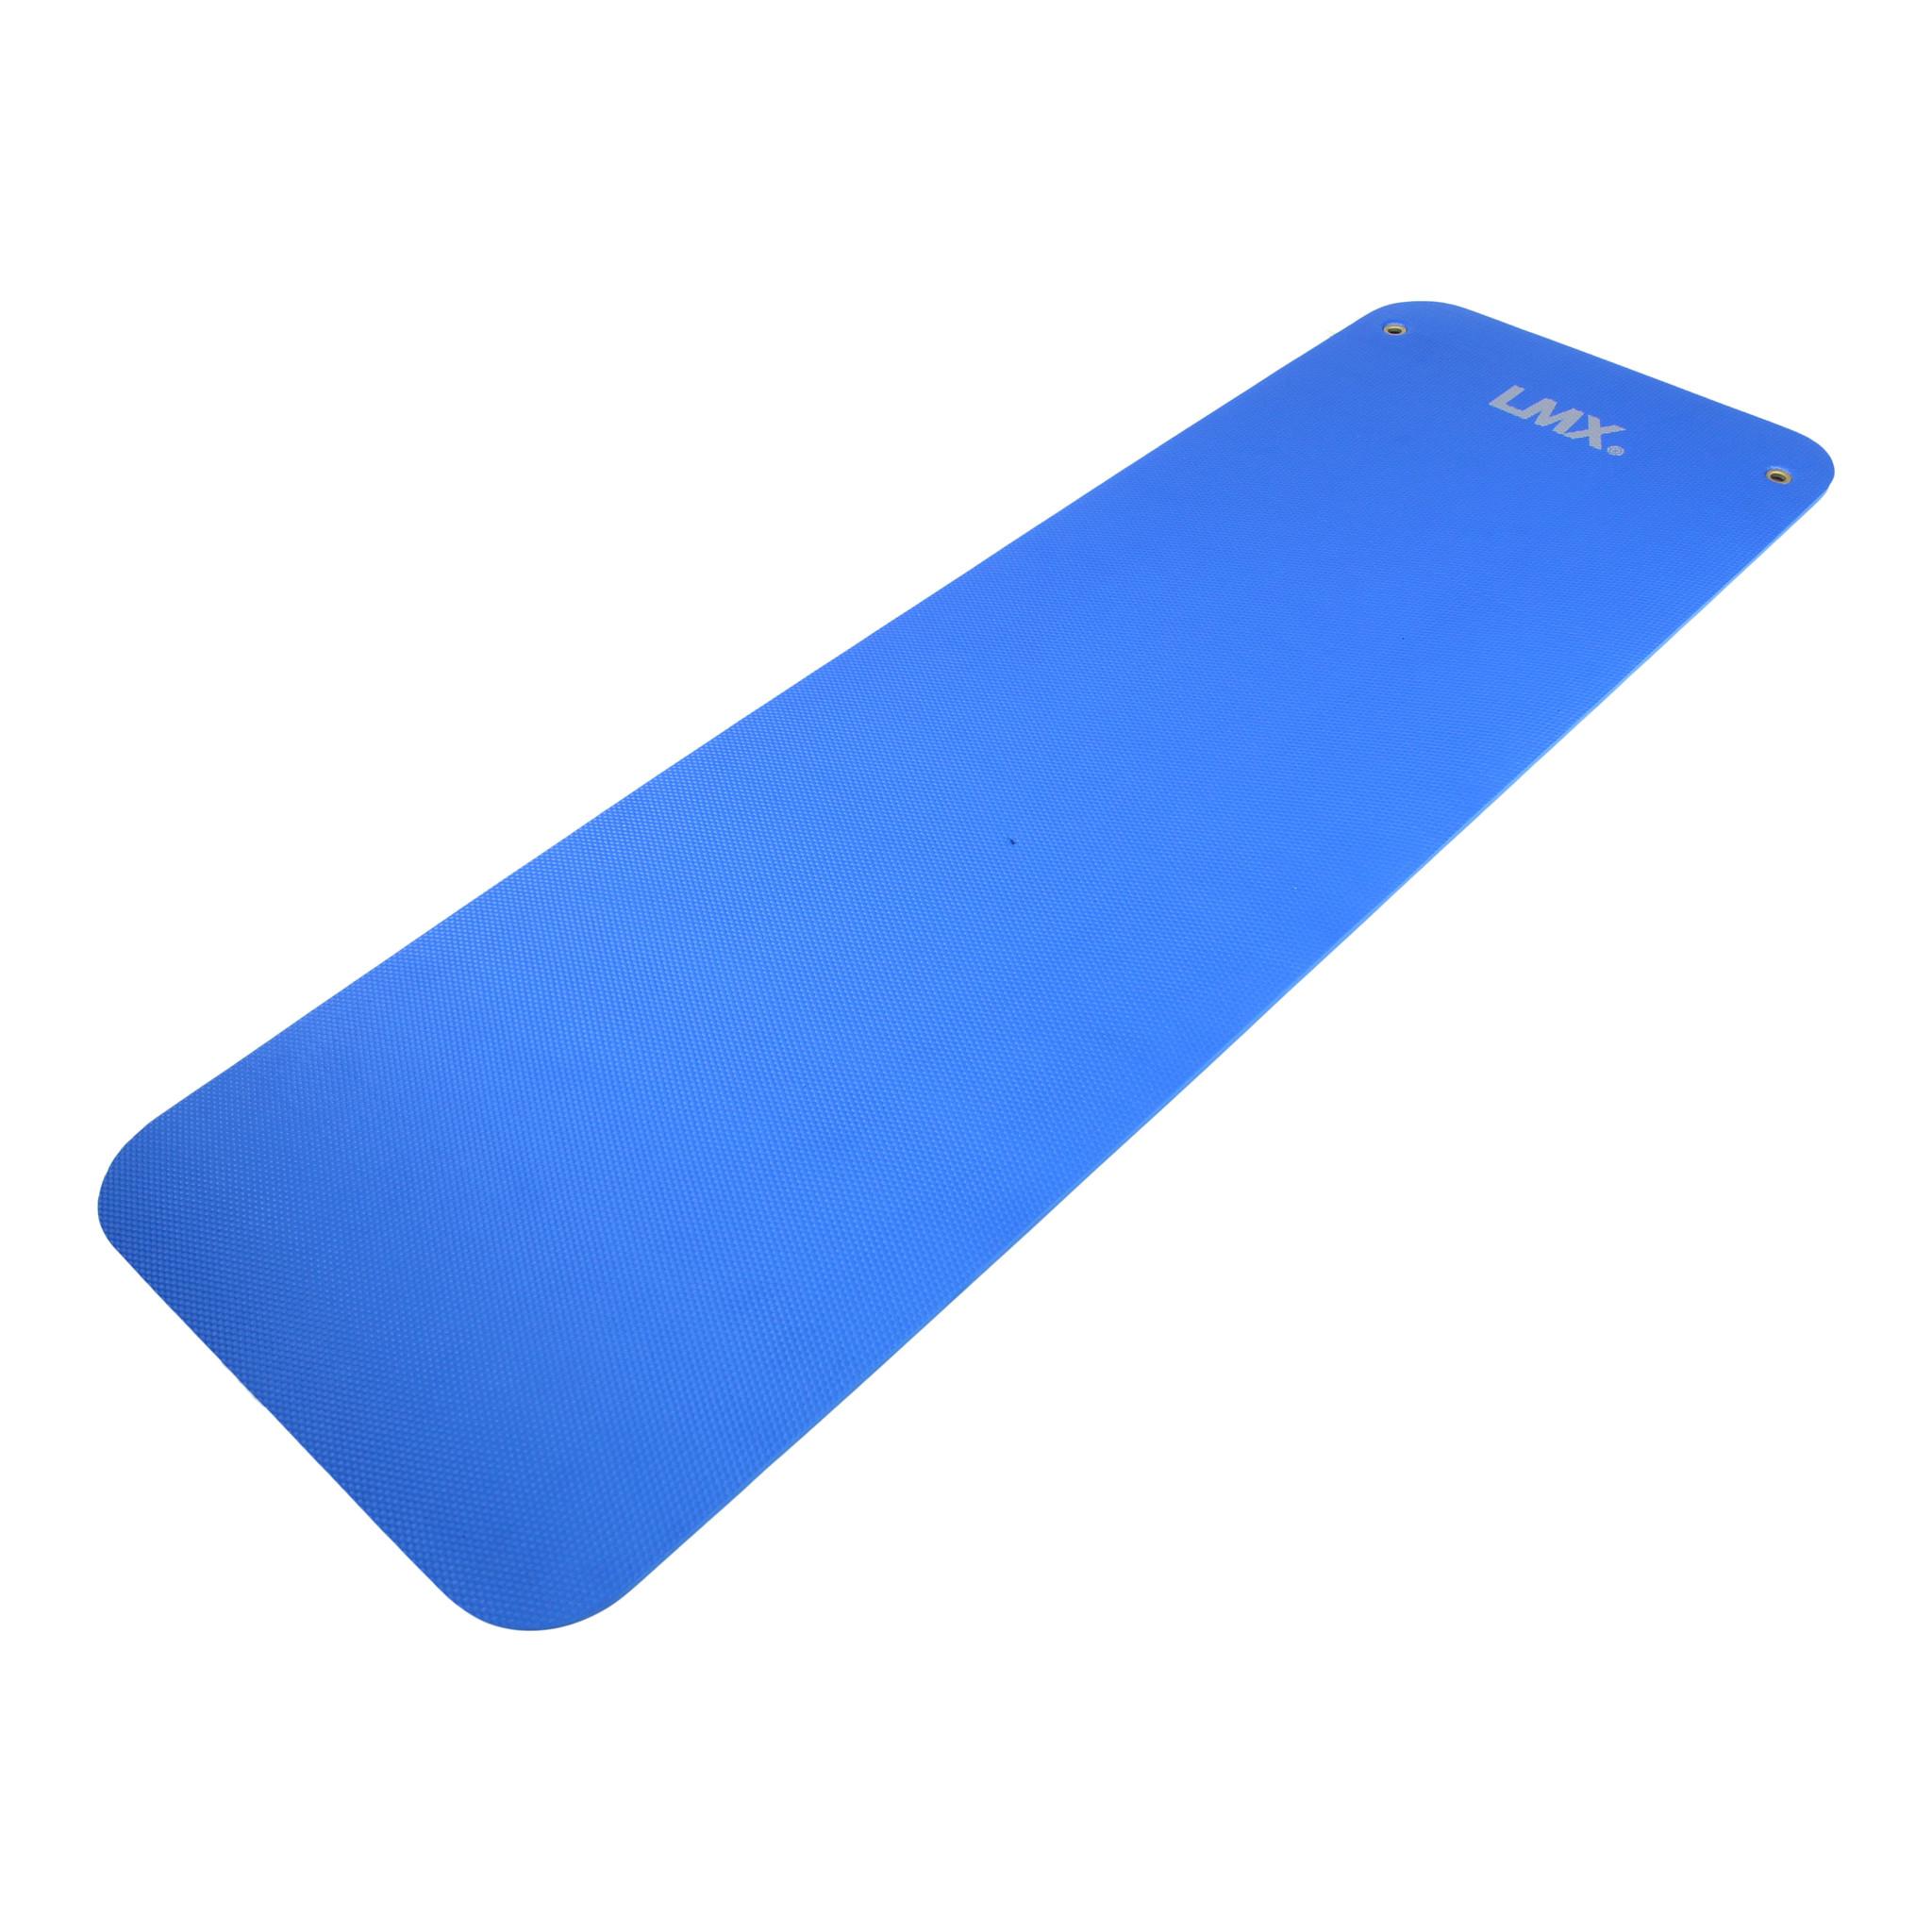 LMX.® LMX1221 LMX. Aerobic mat 180cm (various colours)